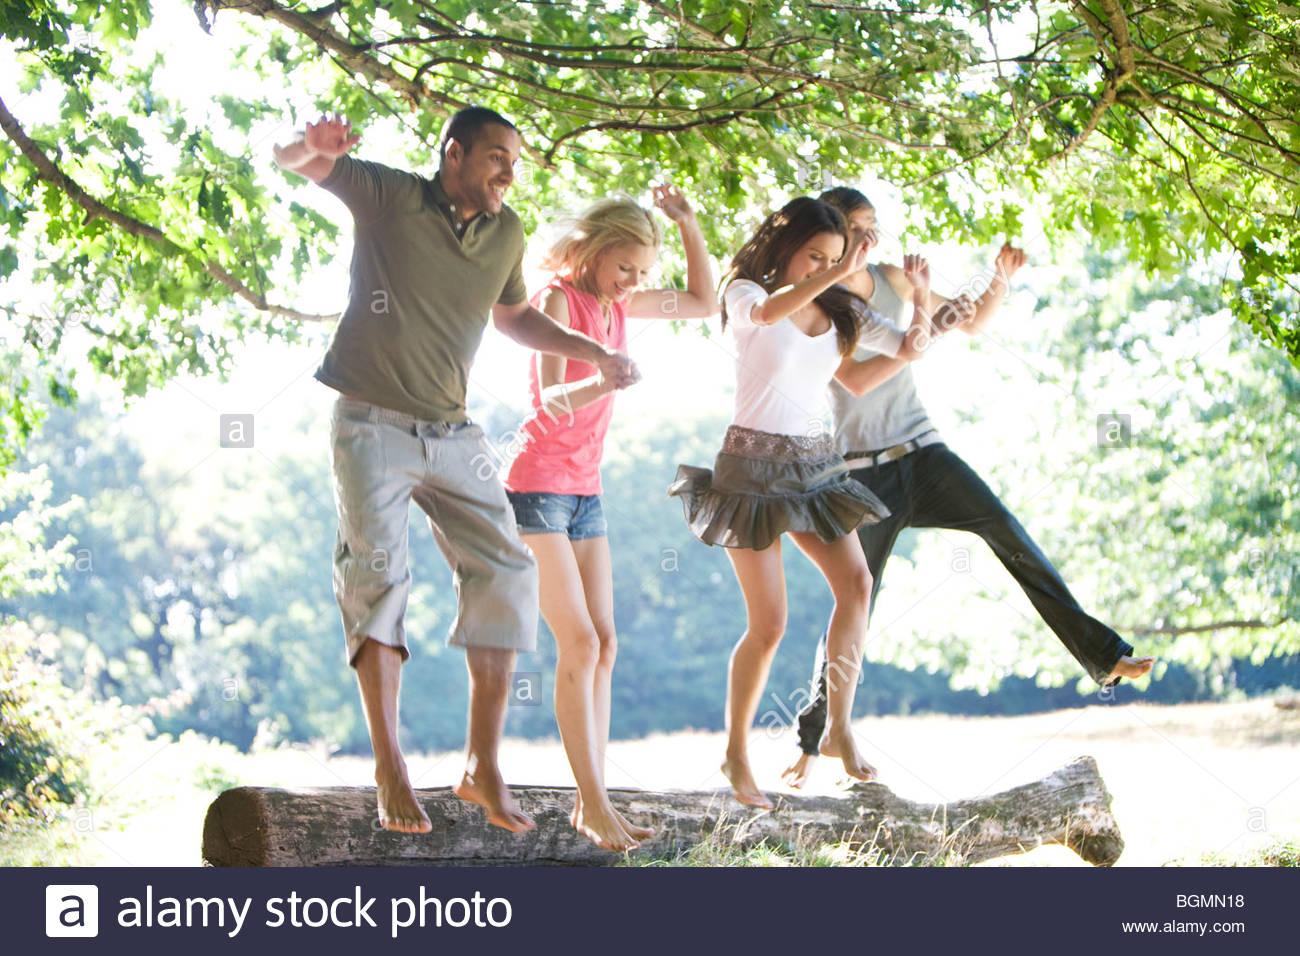 Vier junge Leute springen aus einem Protokoll Stockfoto